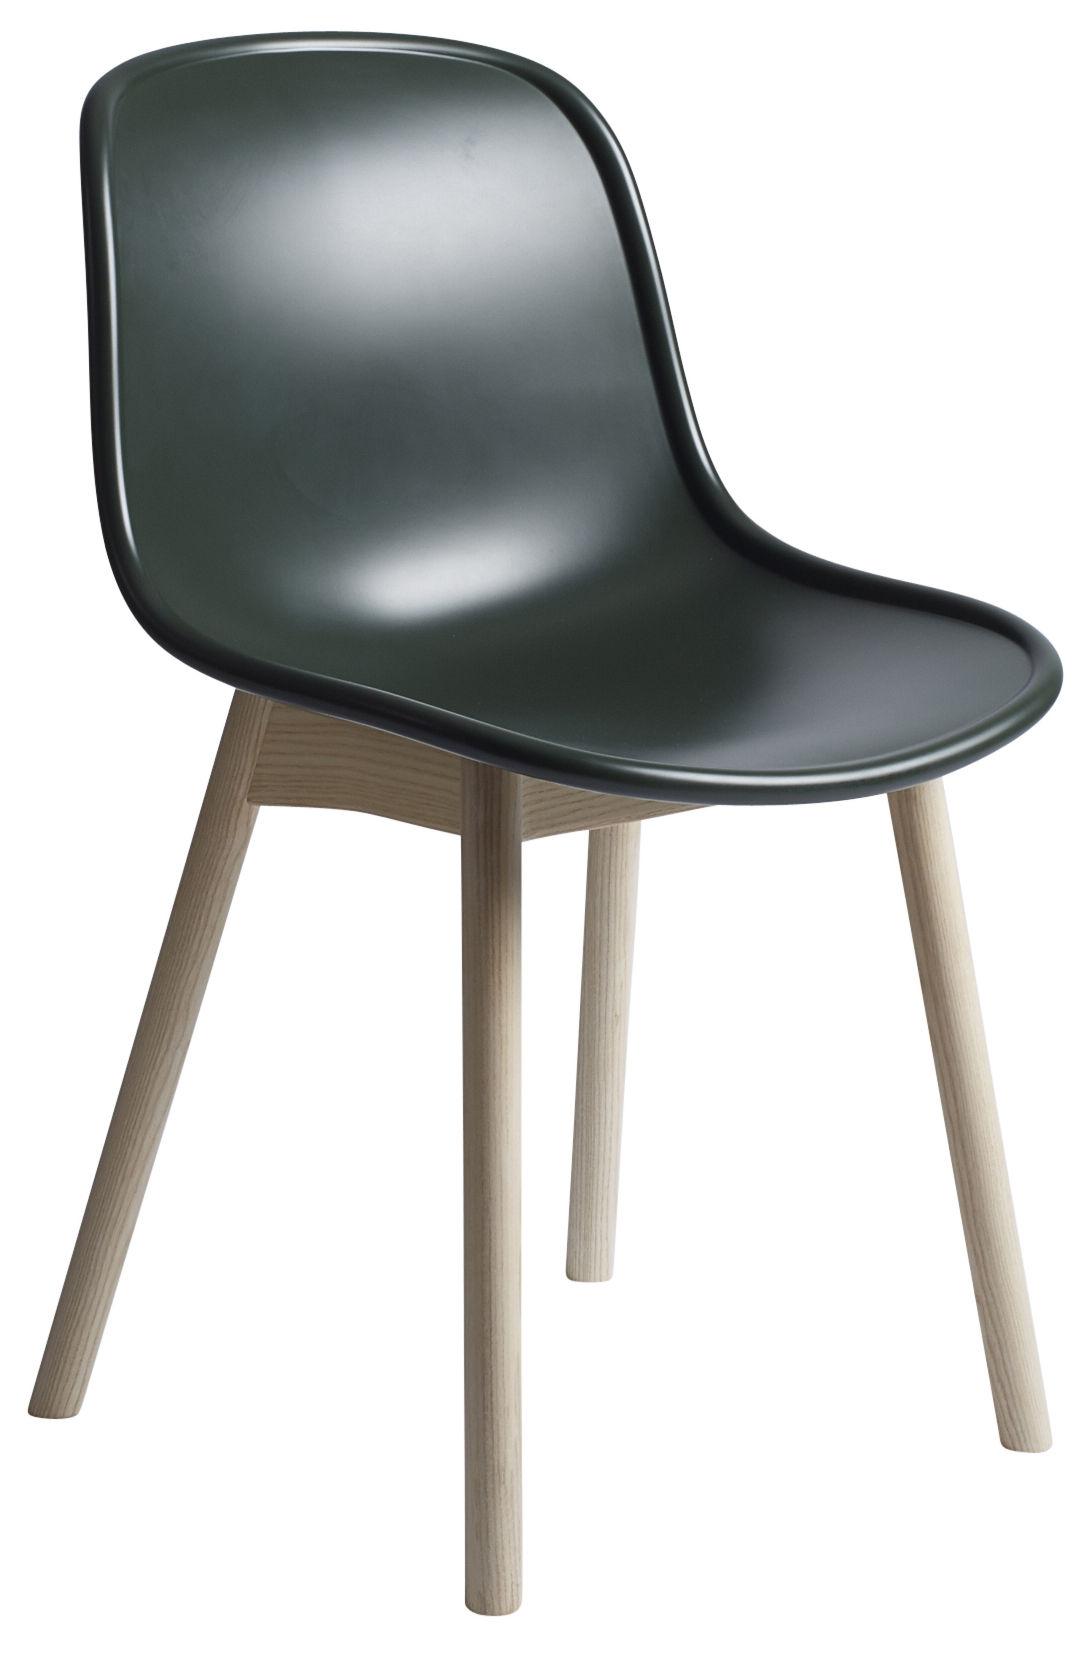 chaise neu plastique pieds bois vert pieds bois hay. Black Bedroom Furniture Sets. Home Design Ideas